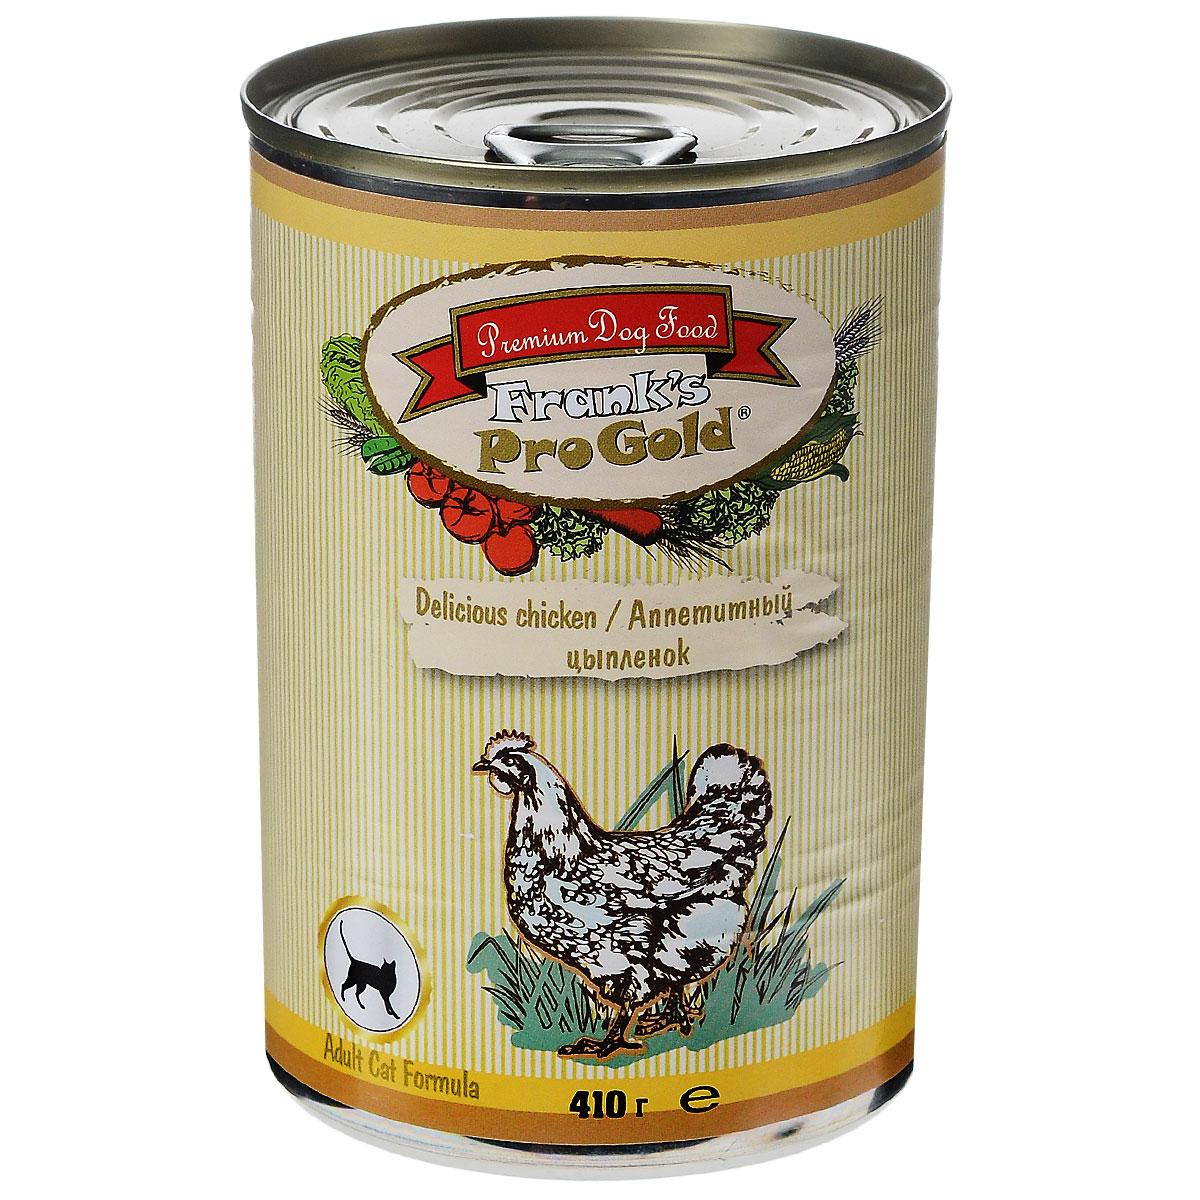 Консервы для кошек Franks ProGold, с цыпленком, 410 г24717Консервы для кошек Franks ProGold - полнорационный продукт, содержащий все необходимые витамины и минералы, сбалансированный для поддержания оптимального здоровья вашего питомца! Ваш любимец, безусловно, оценит нежнейшие кусочки мяса в желе! Произведенные из натуральных ингредиентов, консервы Franks Pro Gold не содержат ГМО, сою, искусственных красителей, консервантов и усилителей вкуса. Состав: мясо и его производные, курица, злаки, витамины и минералы. Пищевая ценность: белки 6%, жиры 4,5%, клетчатка 0,5%, зола 2%, влажность 81%. Добавки: витамин A 1600 IU, витамин D 140 IU, витамин E 10 IU, таурин 300 мг/кг, железо 24 мг/кг, марганец 6 мг/кг, цинк 15 мг/кг, медь 1 мг/кг, магний 200 мг/кг, йодин 0,3 мг/кг, селен 0,2 мг/кг. Калорийность: 393,6 ккал. Товар сертифицирован.